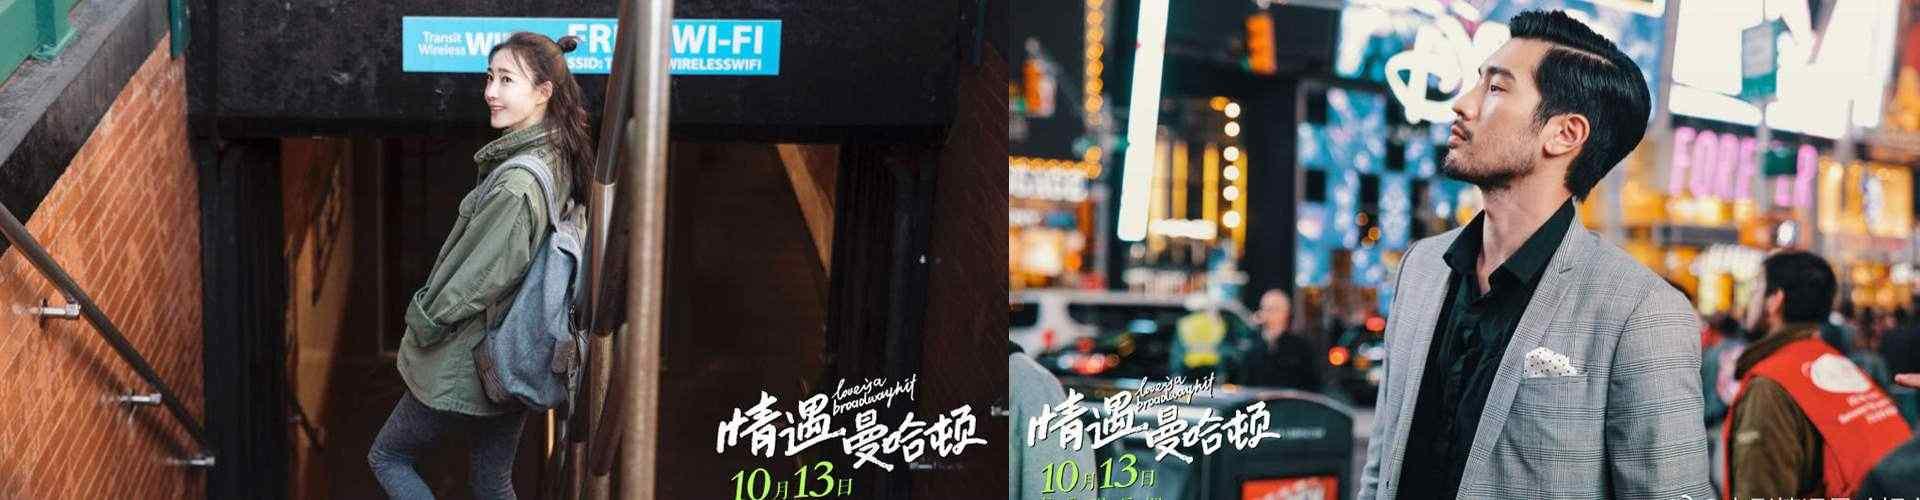 情遇曼哈顿_电影情遇曼哈顿海报壁纸_情遇曼哈顿剧照壁纸_影视壁纸